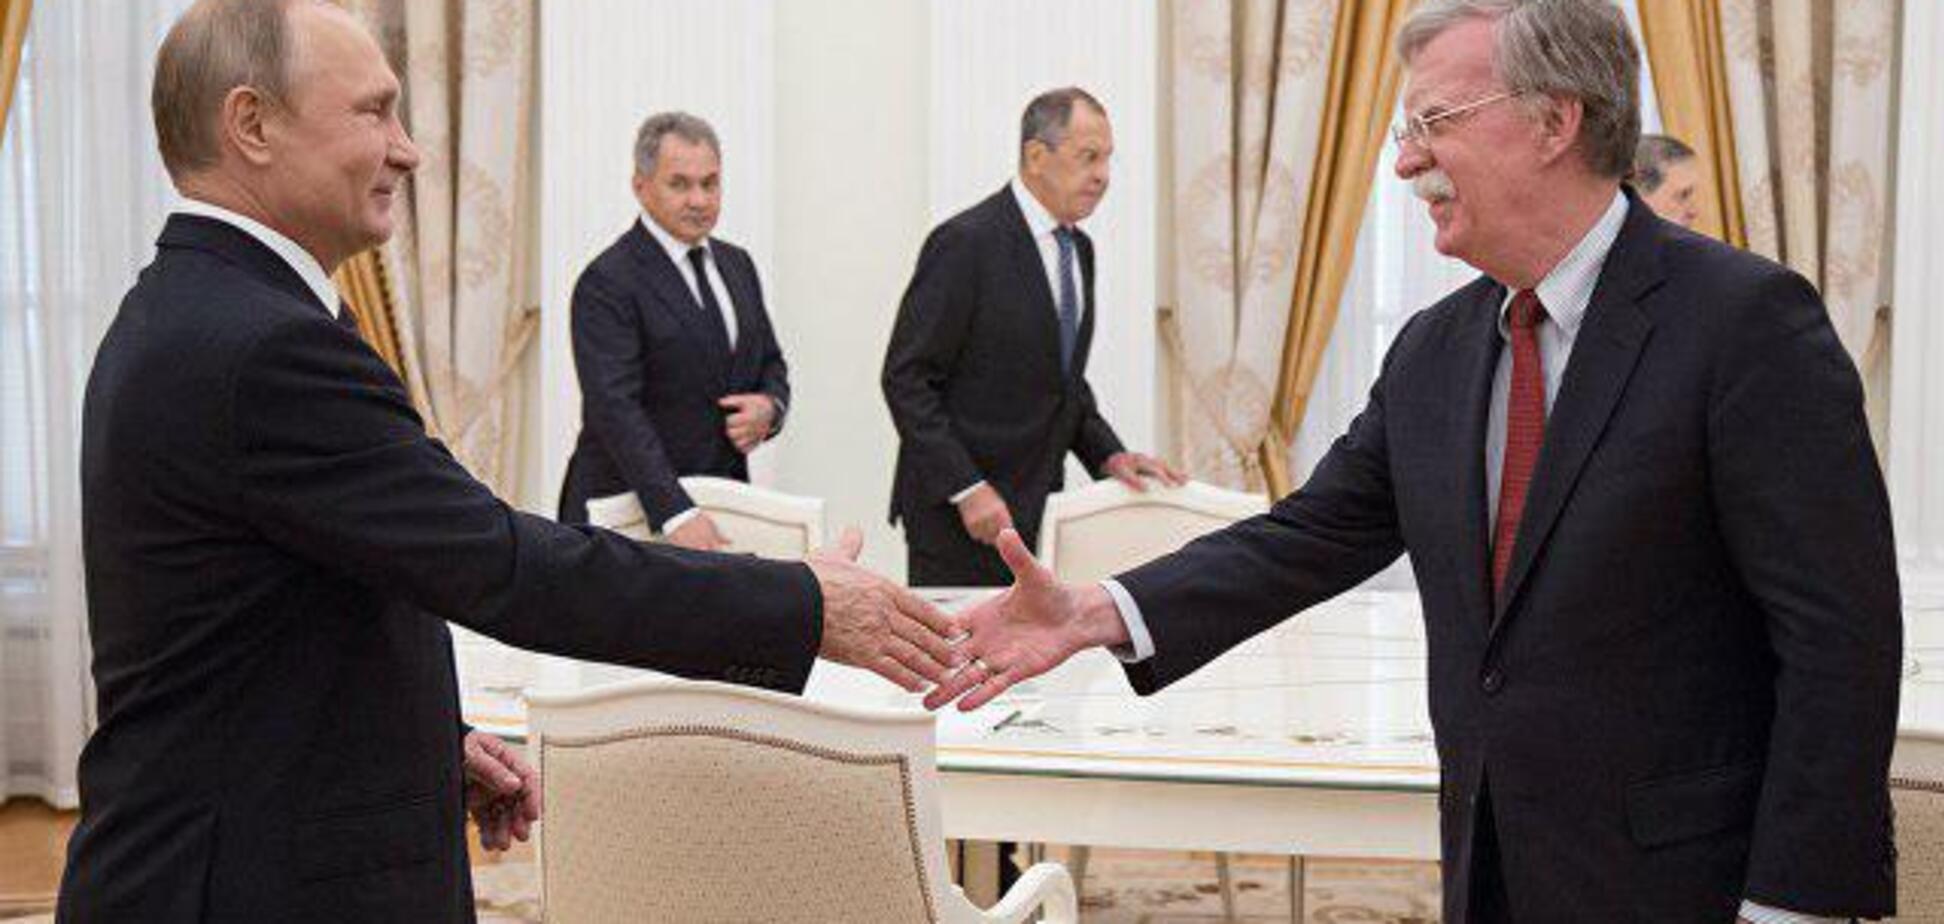 'Майже як справжній': в мережі помітили аномалію зі зростом Путіна